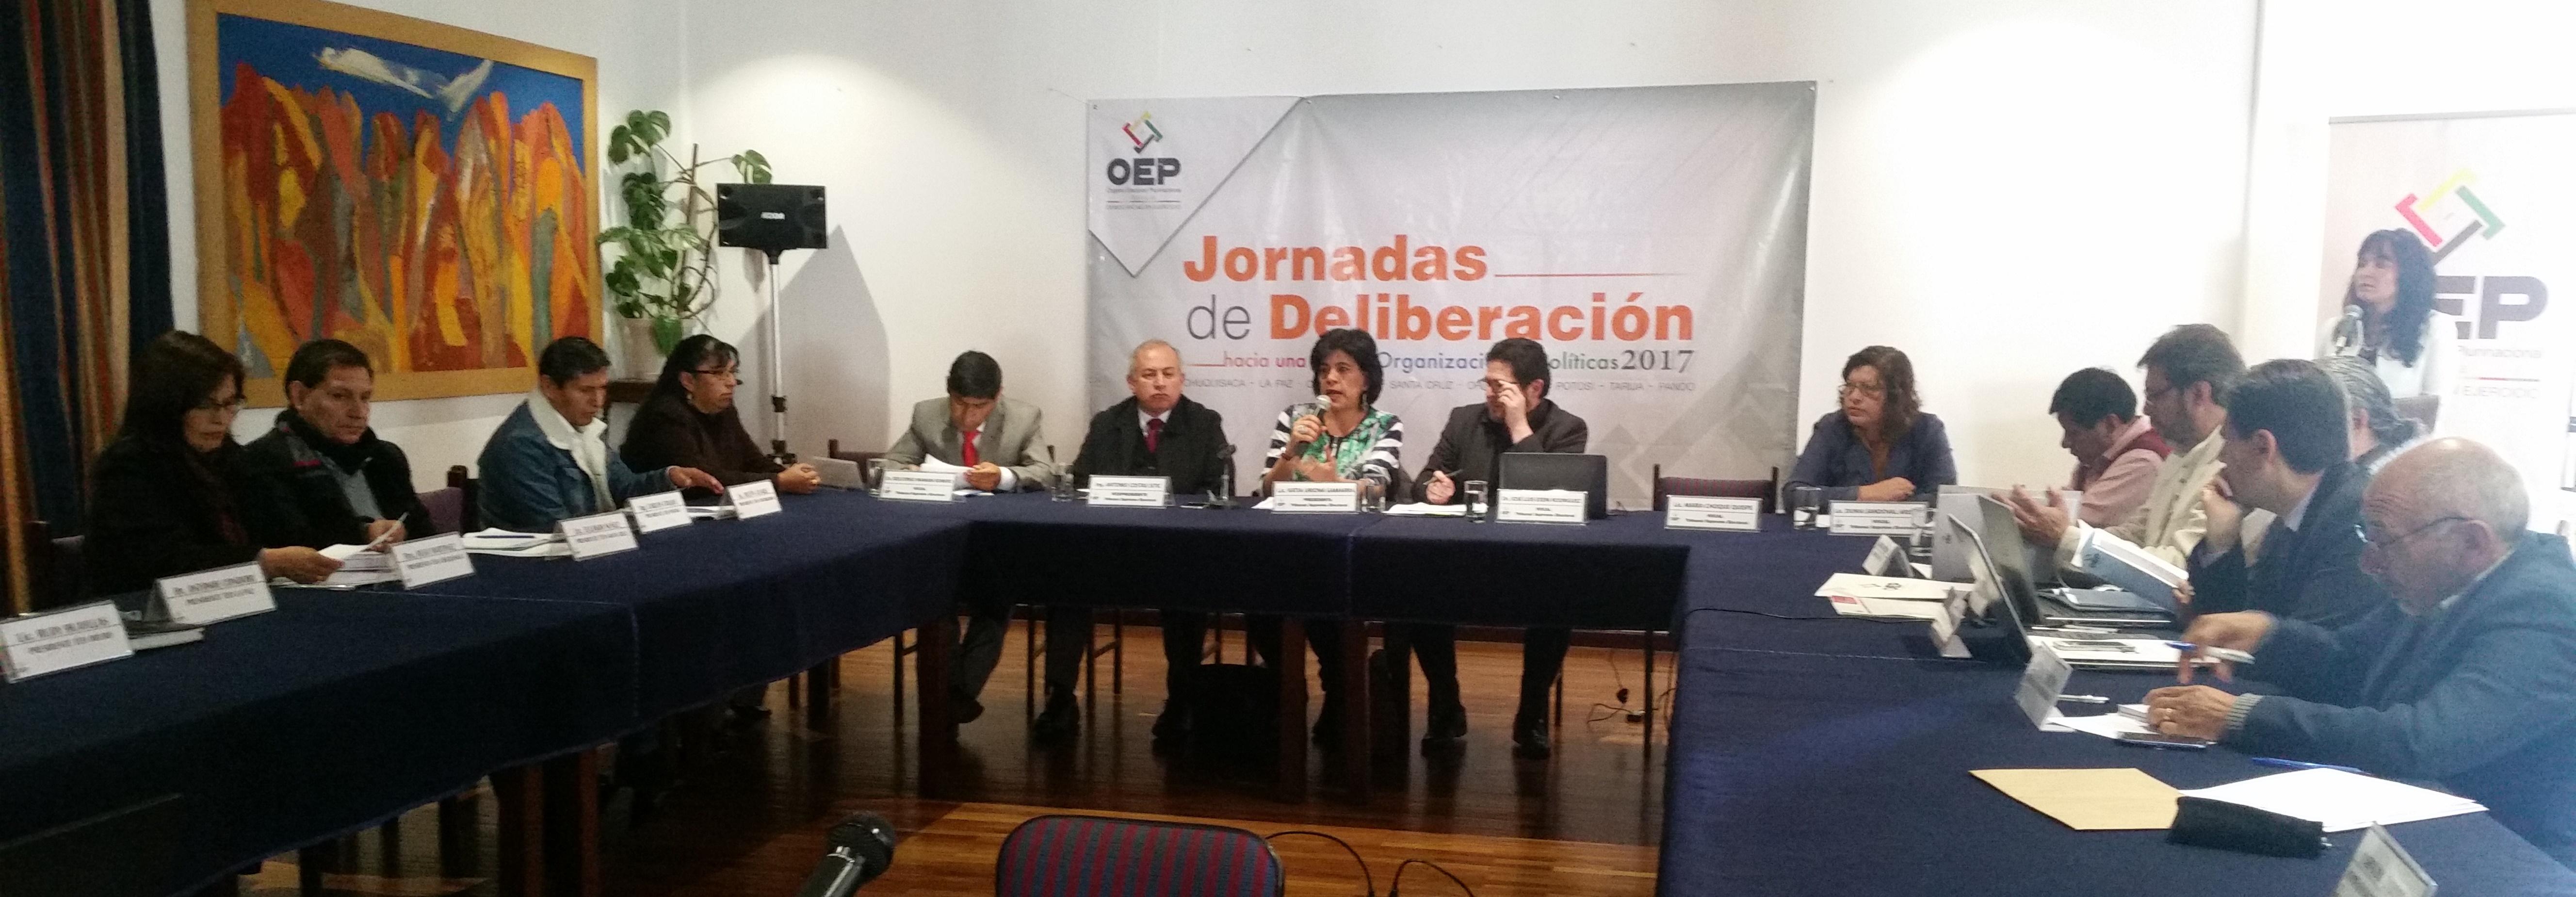 IDEA Internacional apoya el proceso de diálogo plural y participativo para la reforma de la Ley de Organizaciones Políticas en el Estado Plurinacional de Bolivia. Crédto foto: IDEA Internacional.